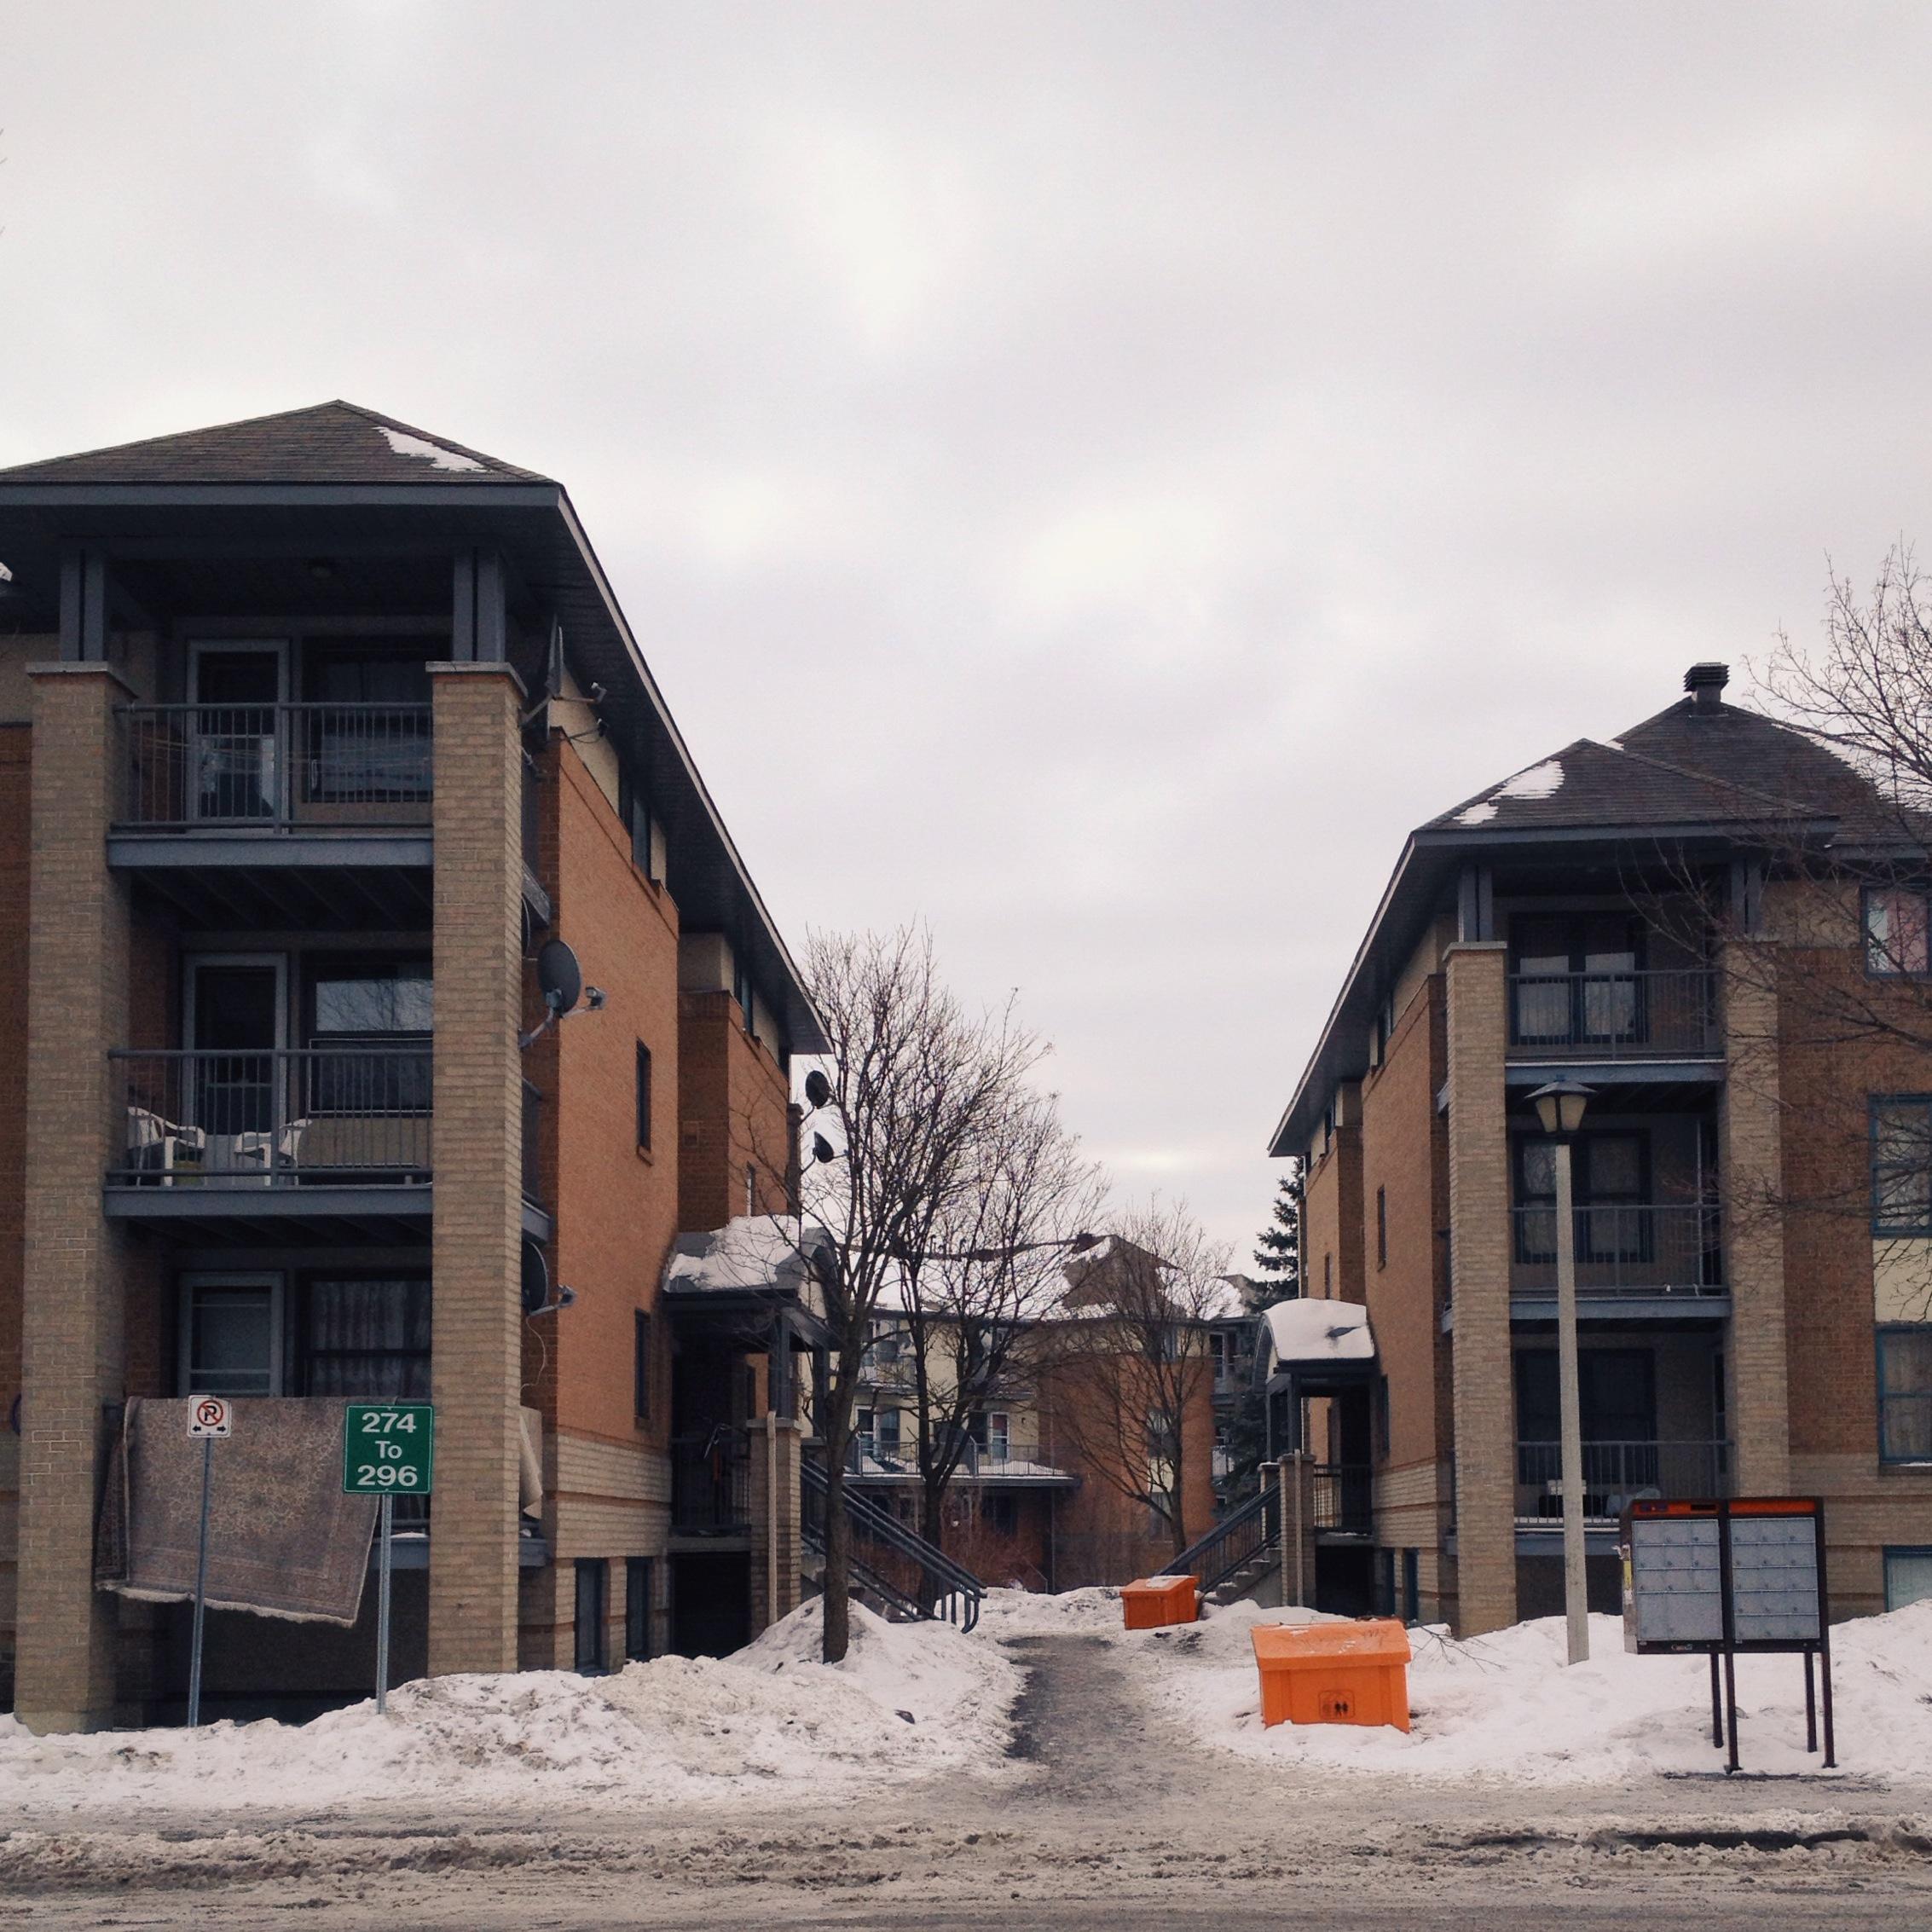 Chapel Hill Apartment Vacancy Rate: Neighbourhood Walks: Taking A Stroll Through Sandy Hill